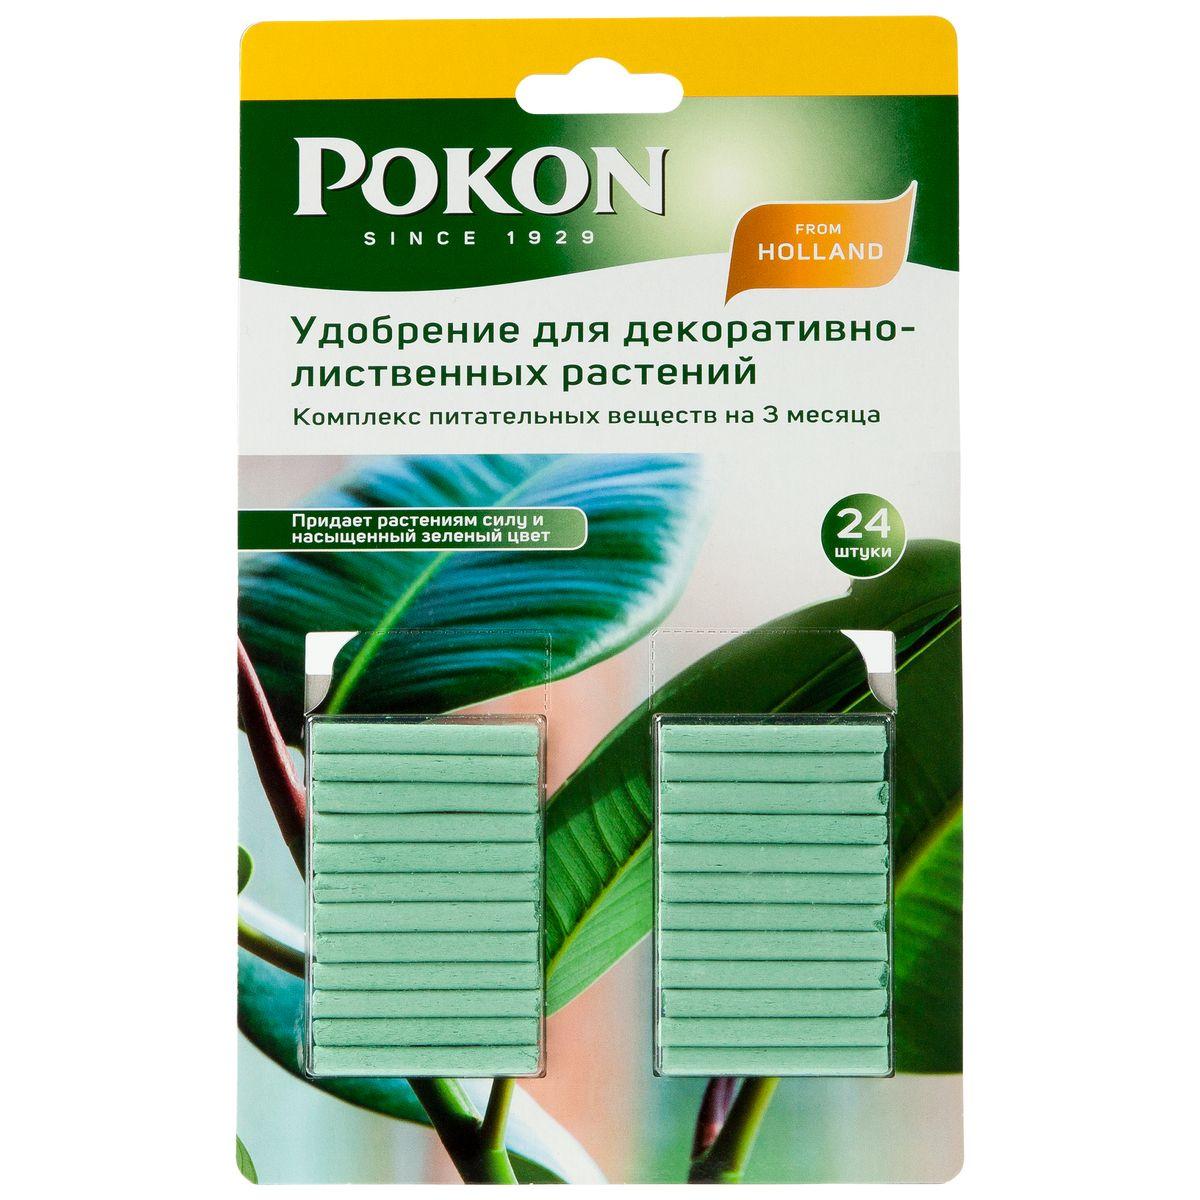 Удобрение Pokon для декоративно-лиственных растений, в палочках, 24 шт8711969016019Удобрение Pokon для декоративно-лиственных растений в палочках: NPK 12 + 6 + 8. Удобрение в палочках Pokon содержит тщательно подобранные питательные вещества, сбалансированные для подкормки всех видов декоративно-лиственных и пальмовых растений. Эта высококачественная смесь исключает риск корневых ожогов. Инструкция по применению: - Измерьте диаметр горшка с растением и определите нужное количество палочек по прилагаемой таблице. - Полностью воткните палочки в грунт, равномерно распределив их вокруг растения. - Полейте грунт, и удобрение немедленно начнет действовать. - Добавляйте новые палочки каждые три месяца. Состав: 12% — общее содержание азота (N); 2% — мочевинный азот; 10% — аммонийный азот; 6% — безводная фосфорная кислота (P2O5), растворимая в нейтральном цитрате аммония и воде; 8% — водорастворимый оксид калия (K2O). Удобрение соответствует нормам ЕС.